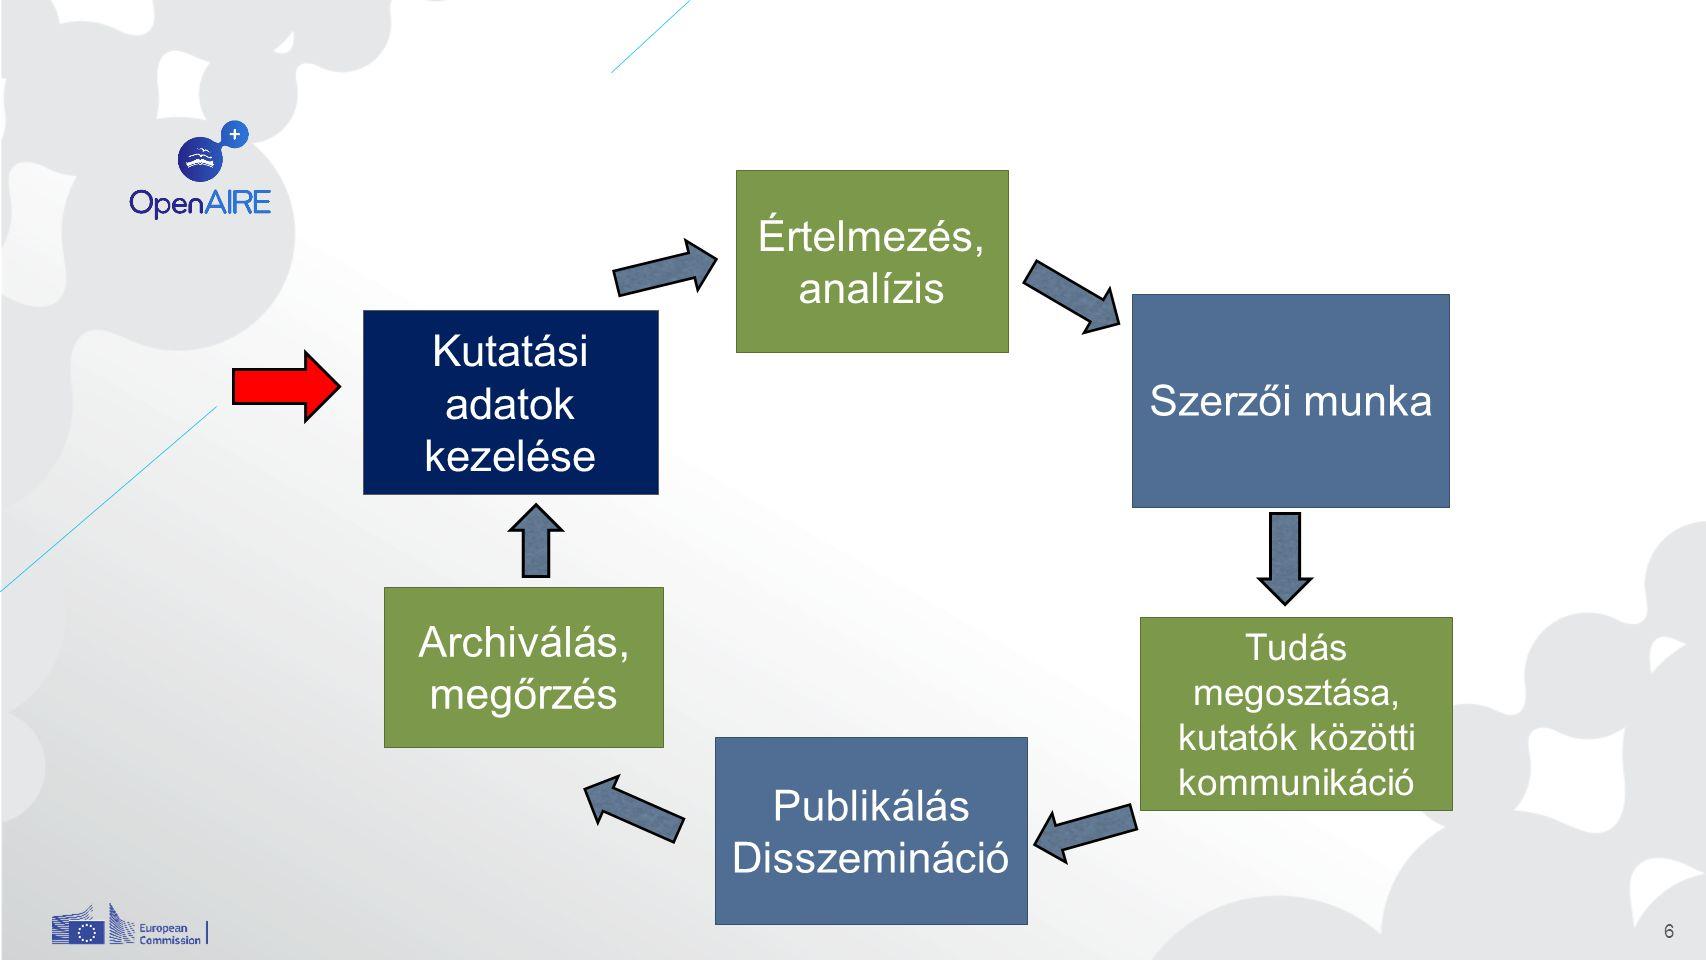 6 Szerzői munka Tudás megosztása, kutatók közötti kommunikáció Publikálás Disszemináció Archiválás, megőrzés Kutatási adatok kezelése Értelmezés, analízis